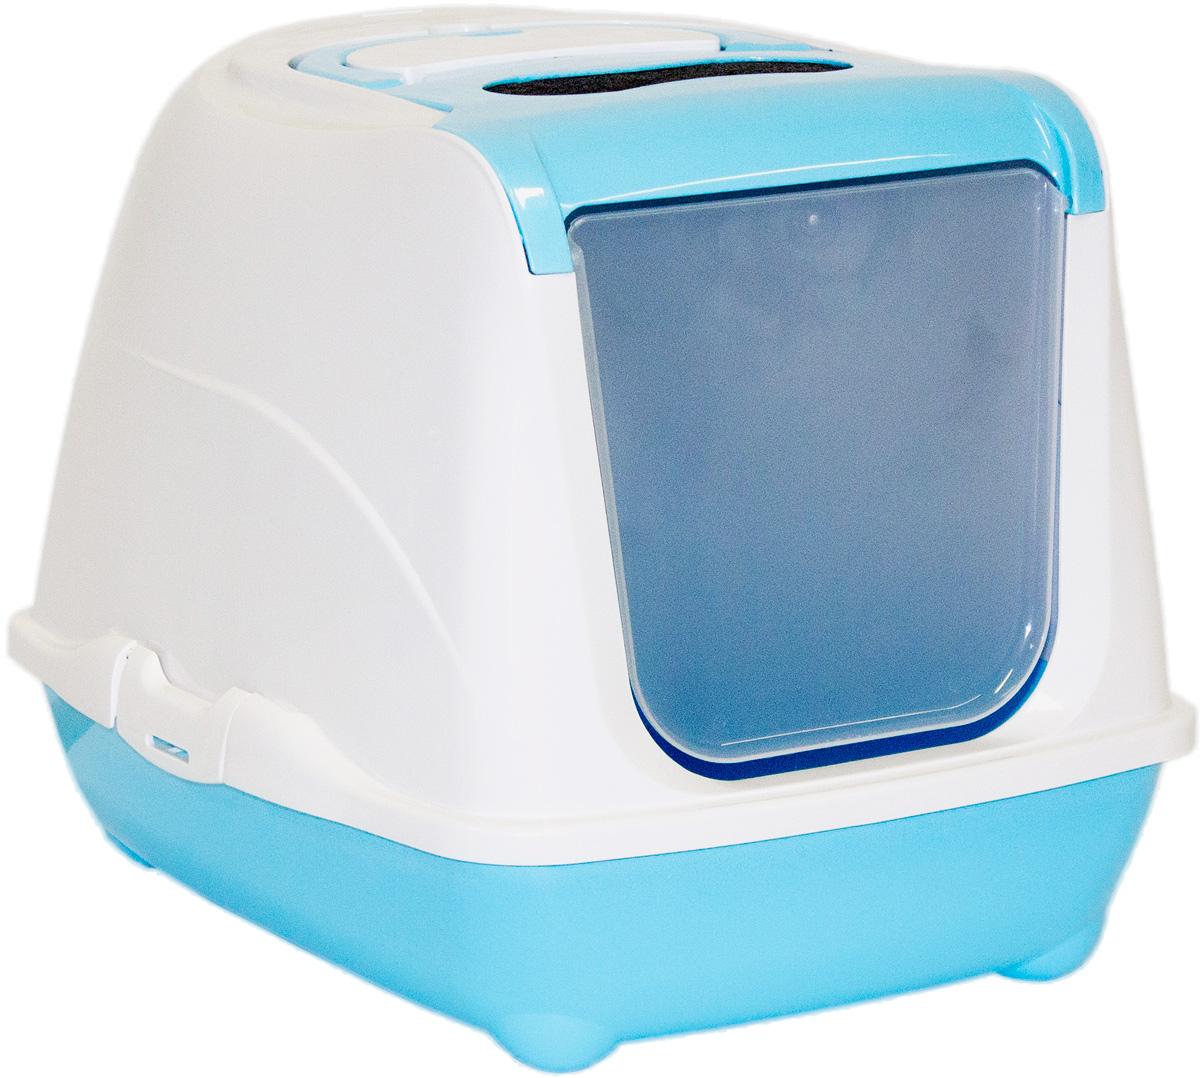 Туалет для кошек Moderna Flip Cat, закрытый, цвет: голубой, 39 х 50 х 37 см43524Закрытый туалет для кошек Flip Cat выполнен из высококачественного пластика. Туалет оснащен прозрачной открывающейся дверцей, сменным фильтром и удобной ручкой для переноски. Такой туалет избавит ваш дом от неприятного запаха и разбросанных повсюду частичек наполнителя. Кошка в таком туалете будет чувствовать себя увереннее, ведь в этом укромном уголке ее никто не увидит. Кроме того, яркий дизайн с легкостью впишется в интерьер вашего дома. Туалет легко открывается для чистки благодаря практичным защелкам по бокам.